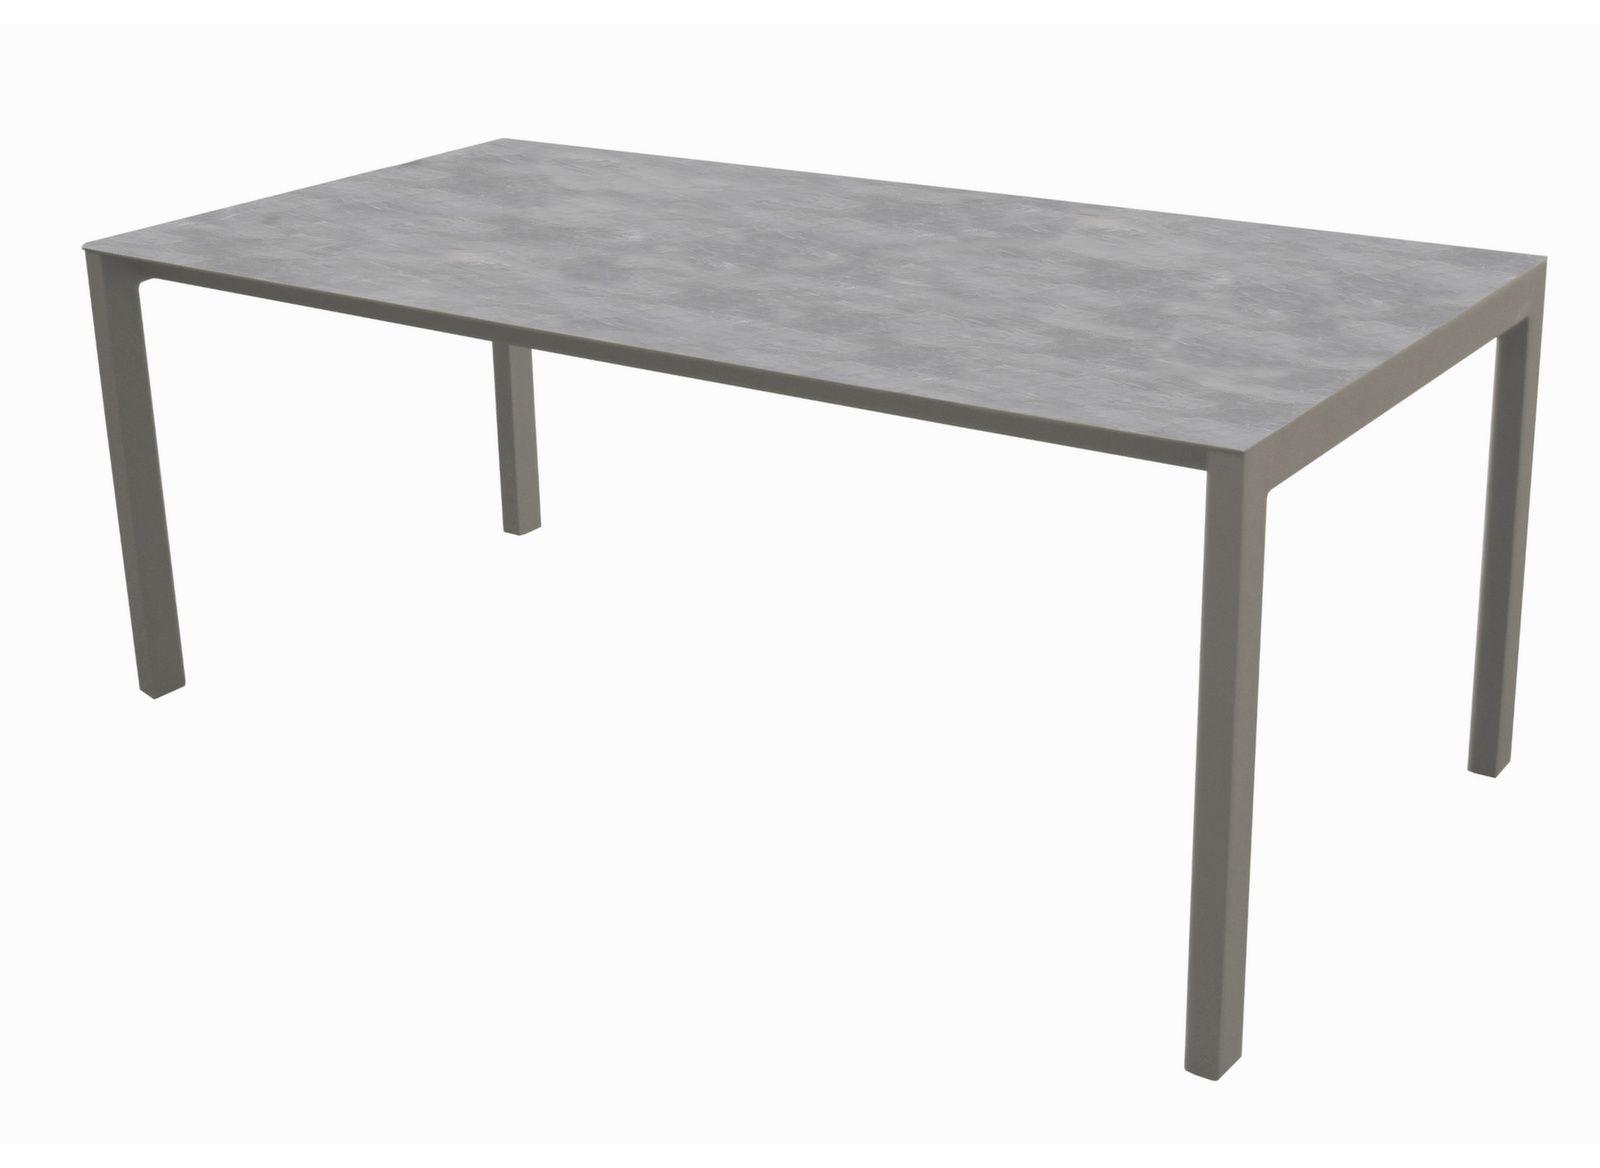 table de jardin soto 180cm plateau arpa aliz proloisirs